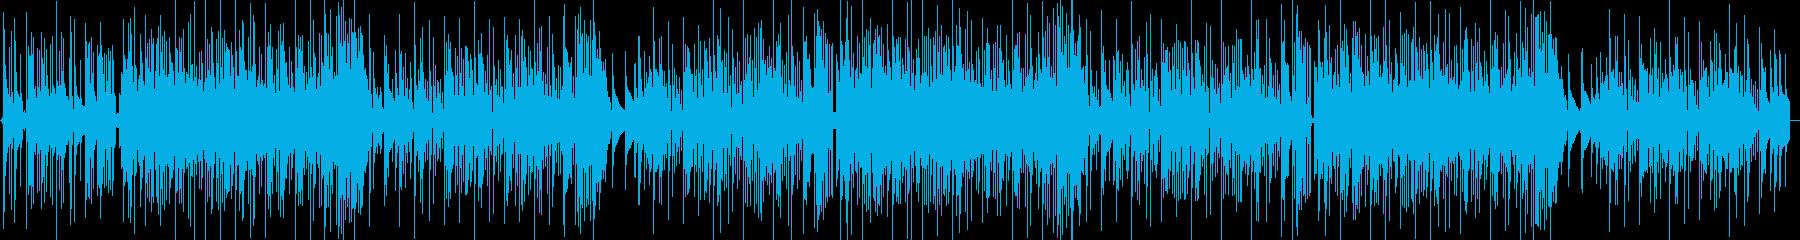 攻撃的なTrap,HipHopの再生済みの波形